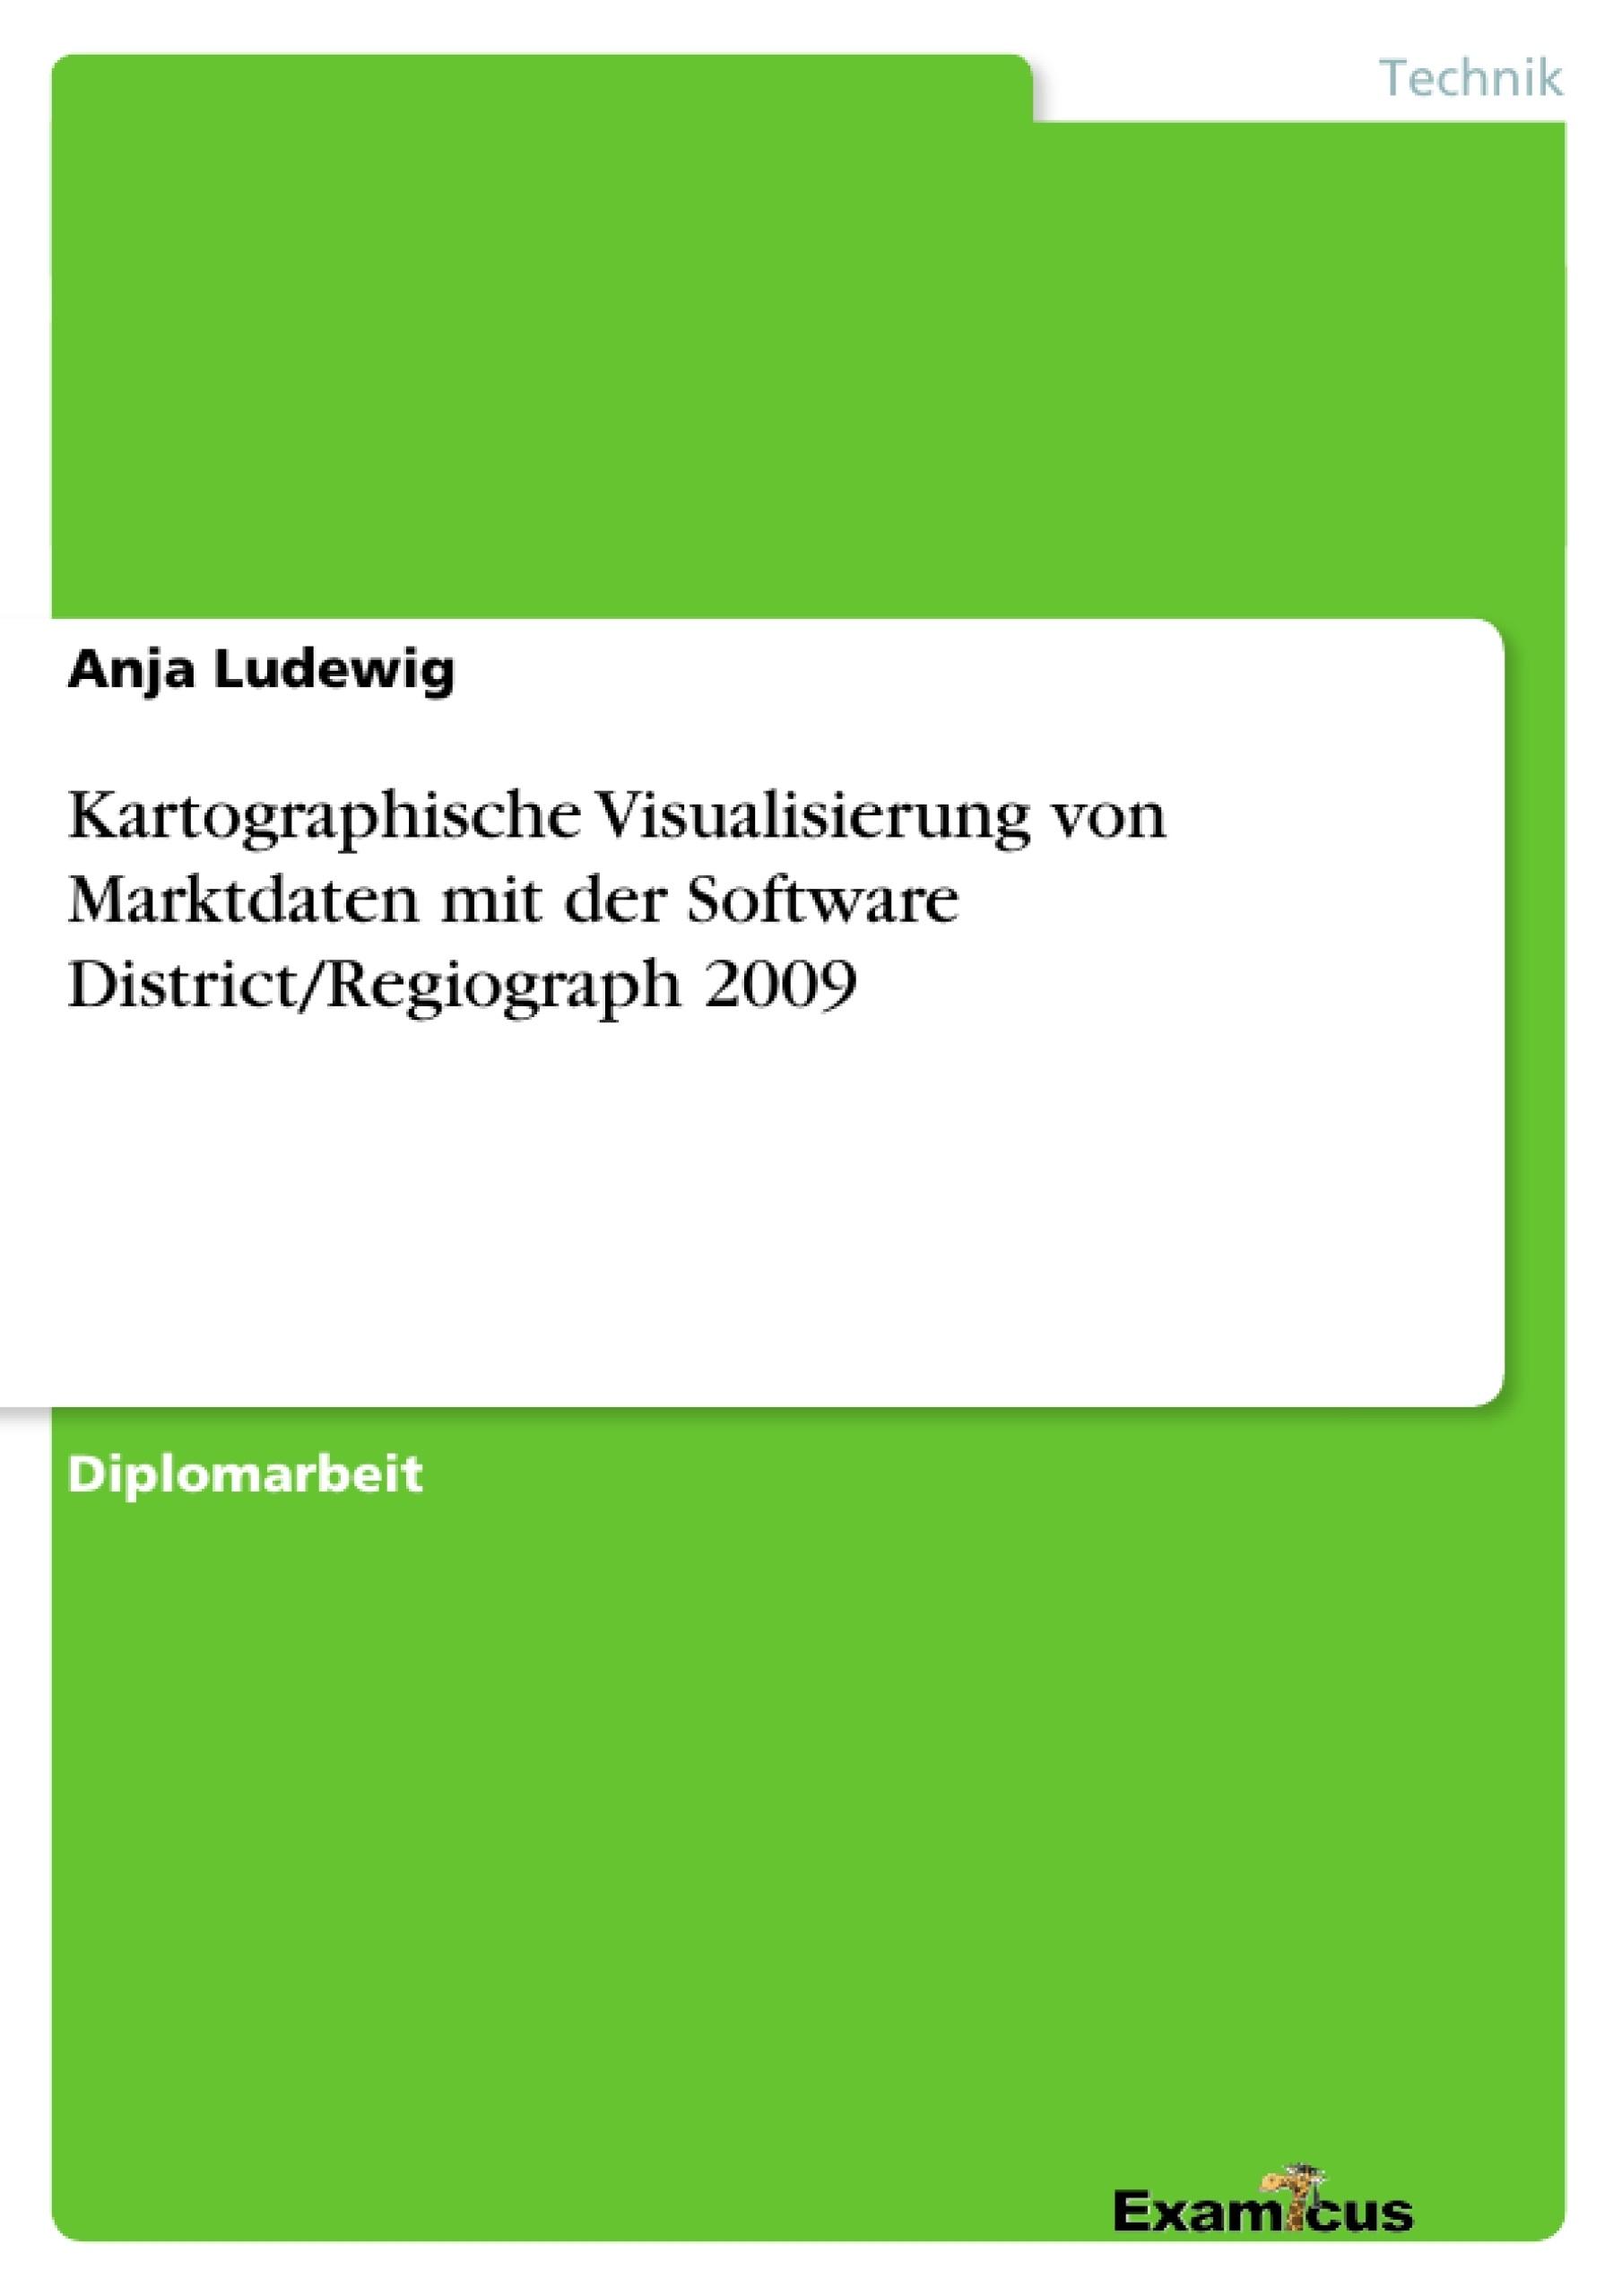 Titel: Kartographische Visualisierung von Marktdaten mit der Software District/Regiograph 2009